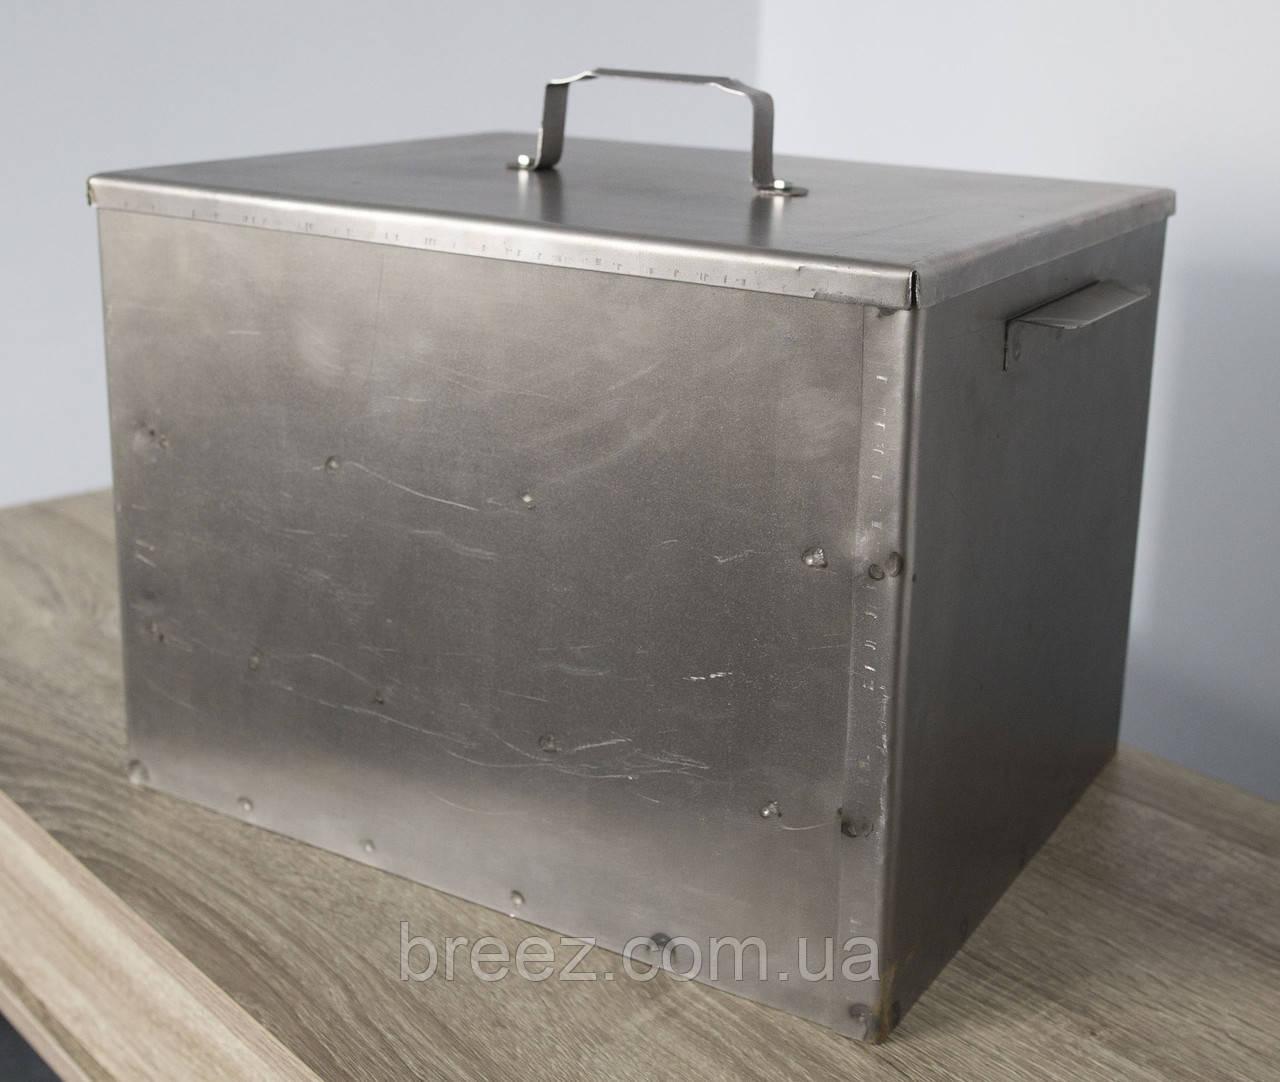 Коптильня средняя два яруса из черного металла 410х300х300